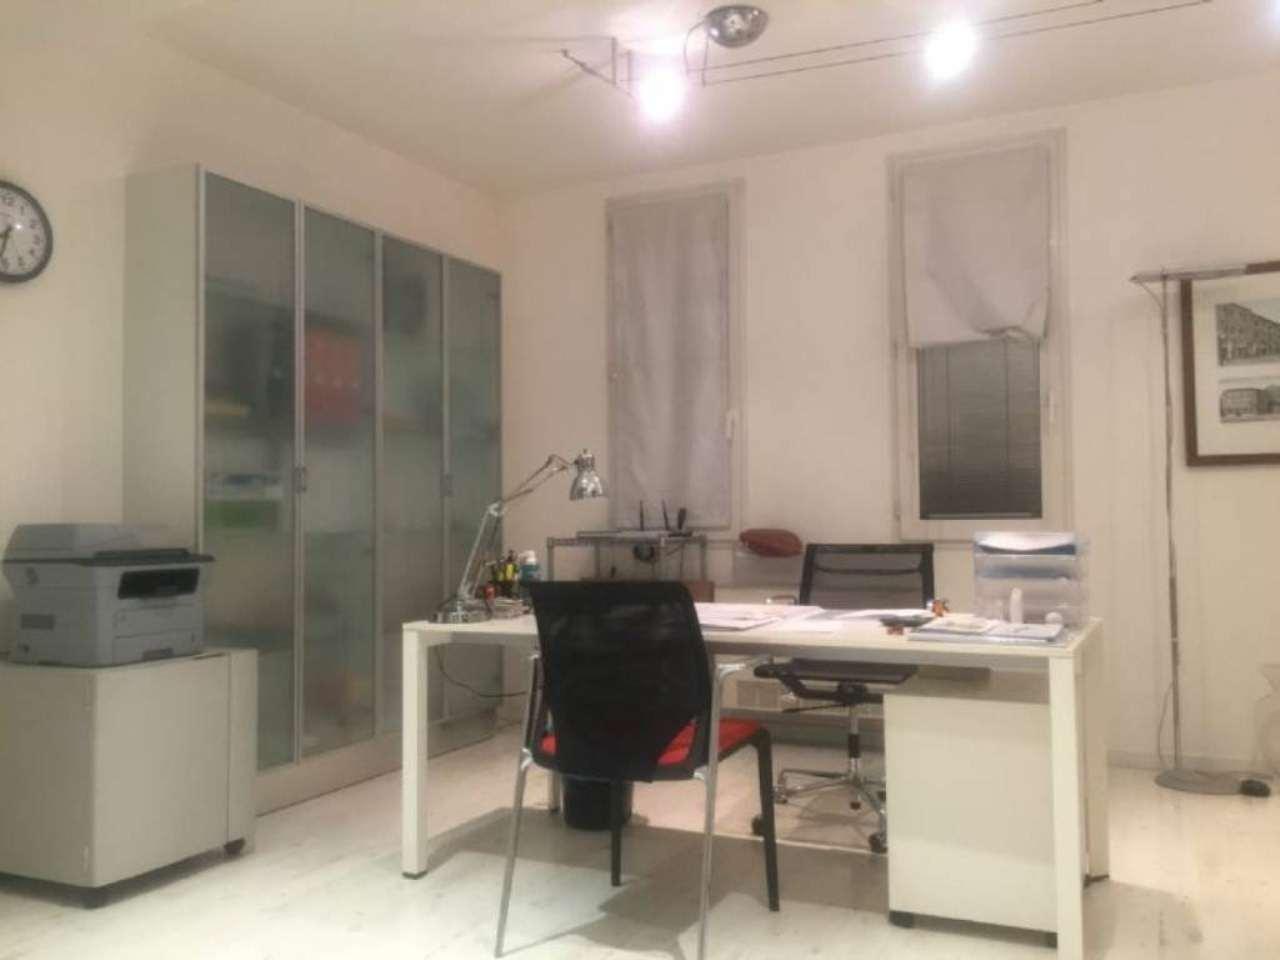 Loft / Openspace in vendita a Venezia, 2 locali, zona Zona: 11 . Mestre, prezzo € 144.000 | CambioCasa.it